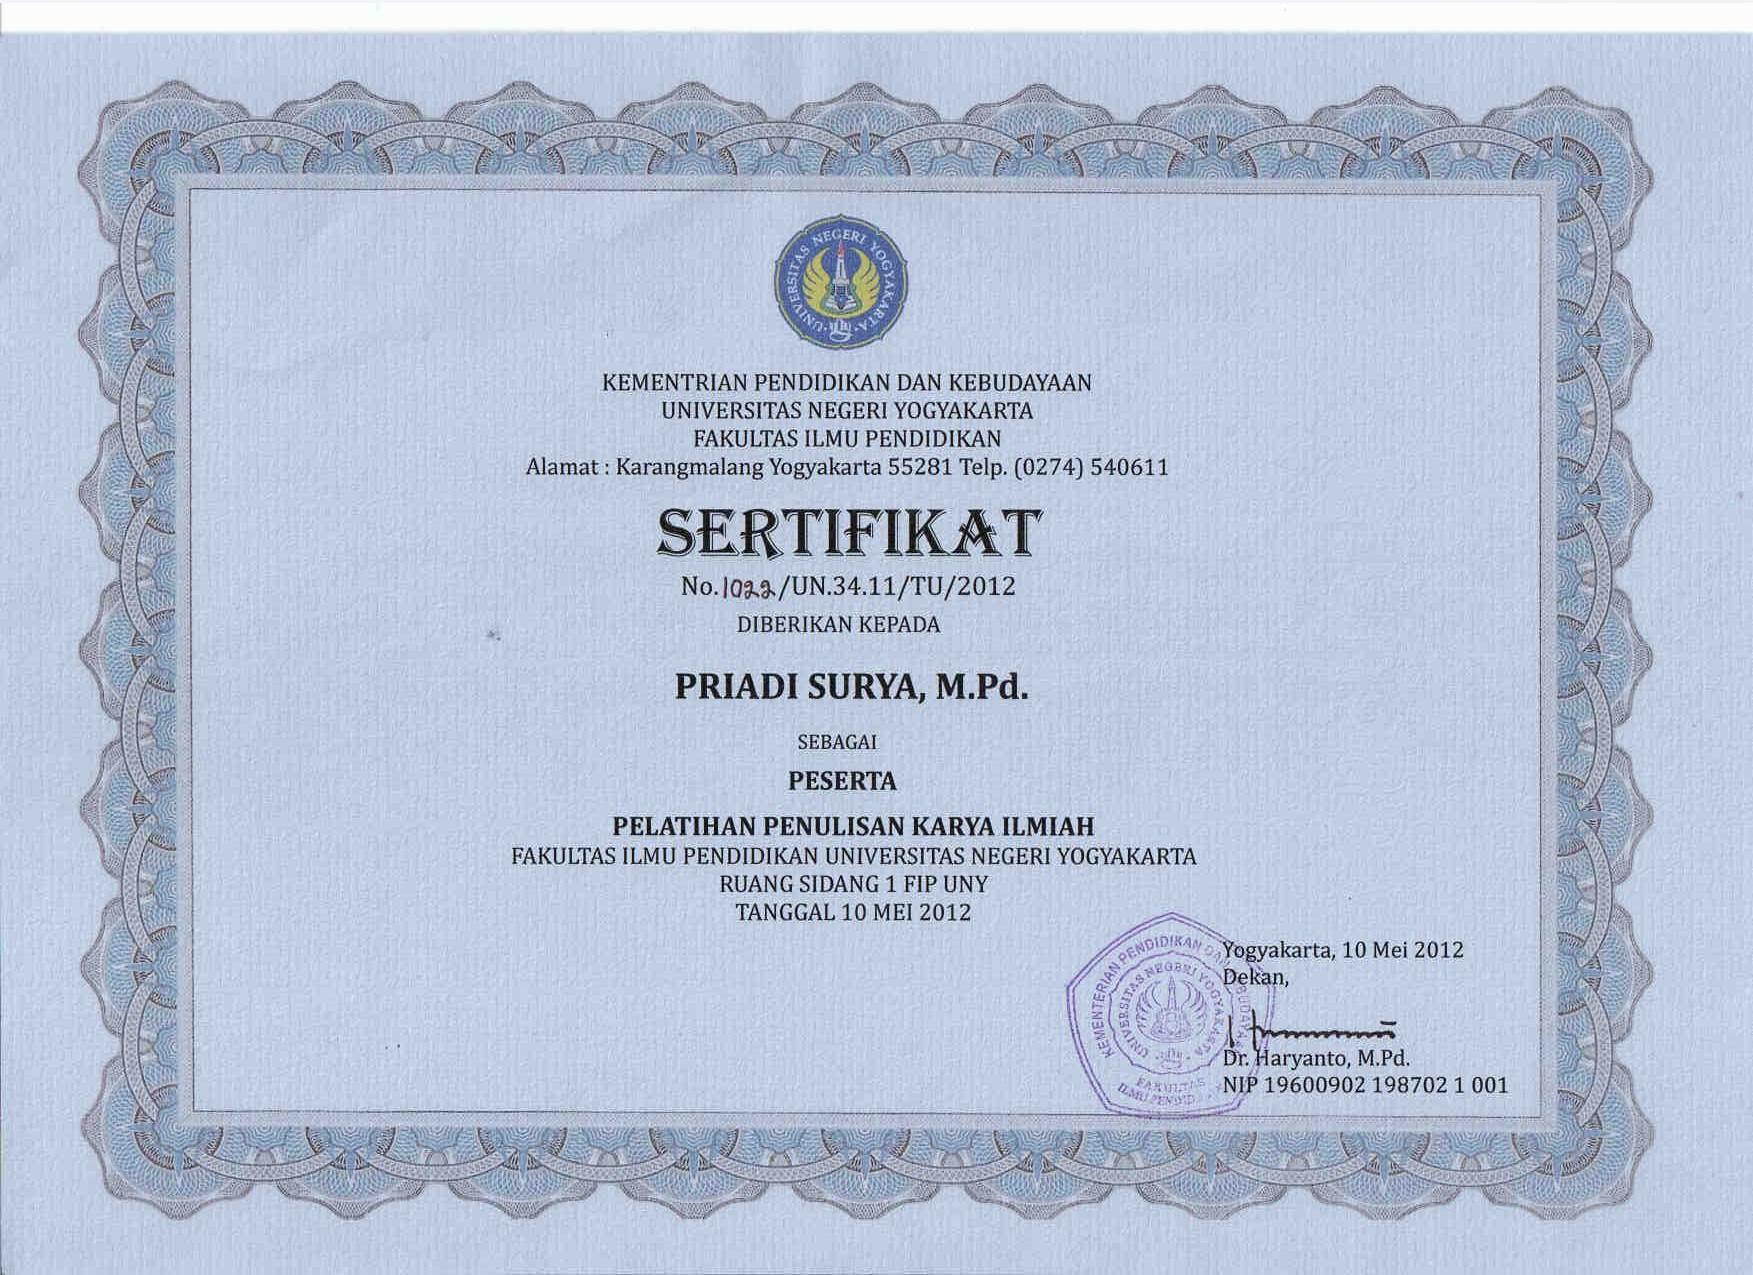 Administrasi Pendidikan | Staff Site Universitas Negeri ...